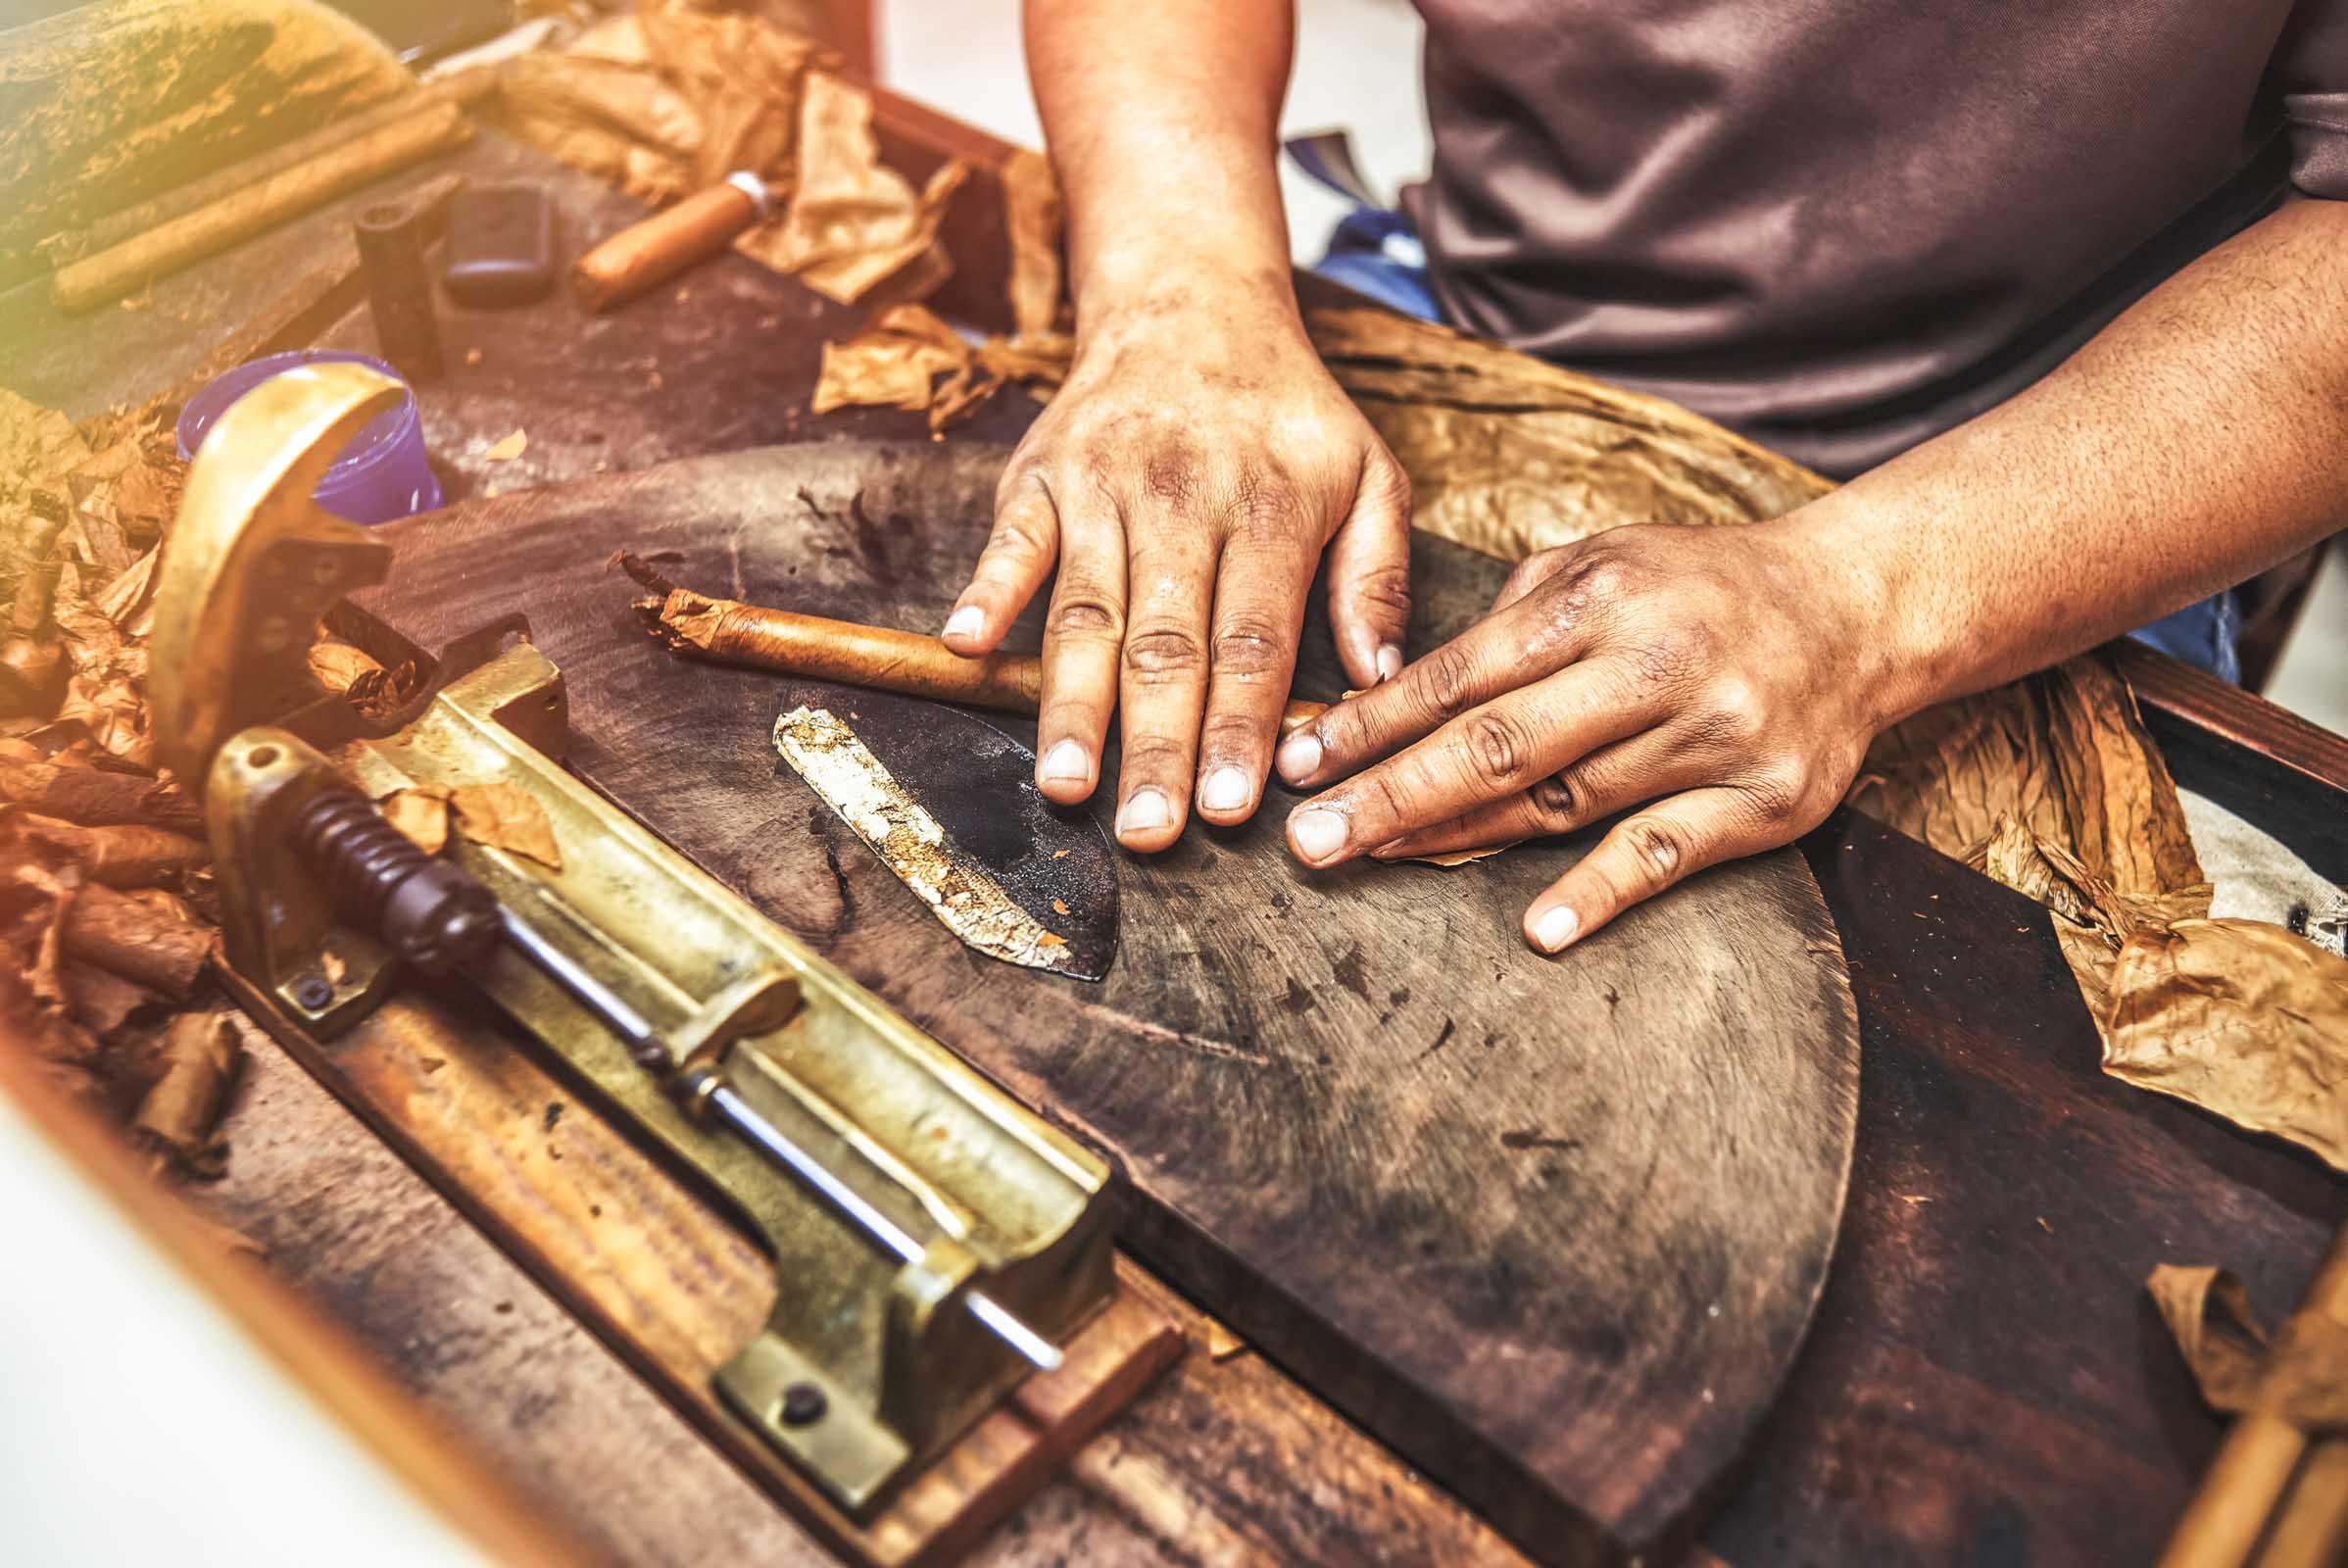 Zigarrenroller - Zigarrendreher | Handgedreht | Kuba | Tabak | Deckblatt | Havanna | Zigarre | Bandarolle | Umblatt | Buchen | Event | Zigarrenmanufaktur